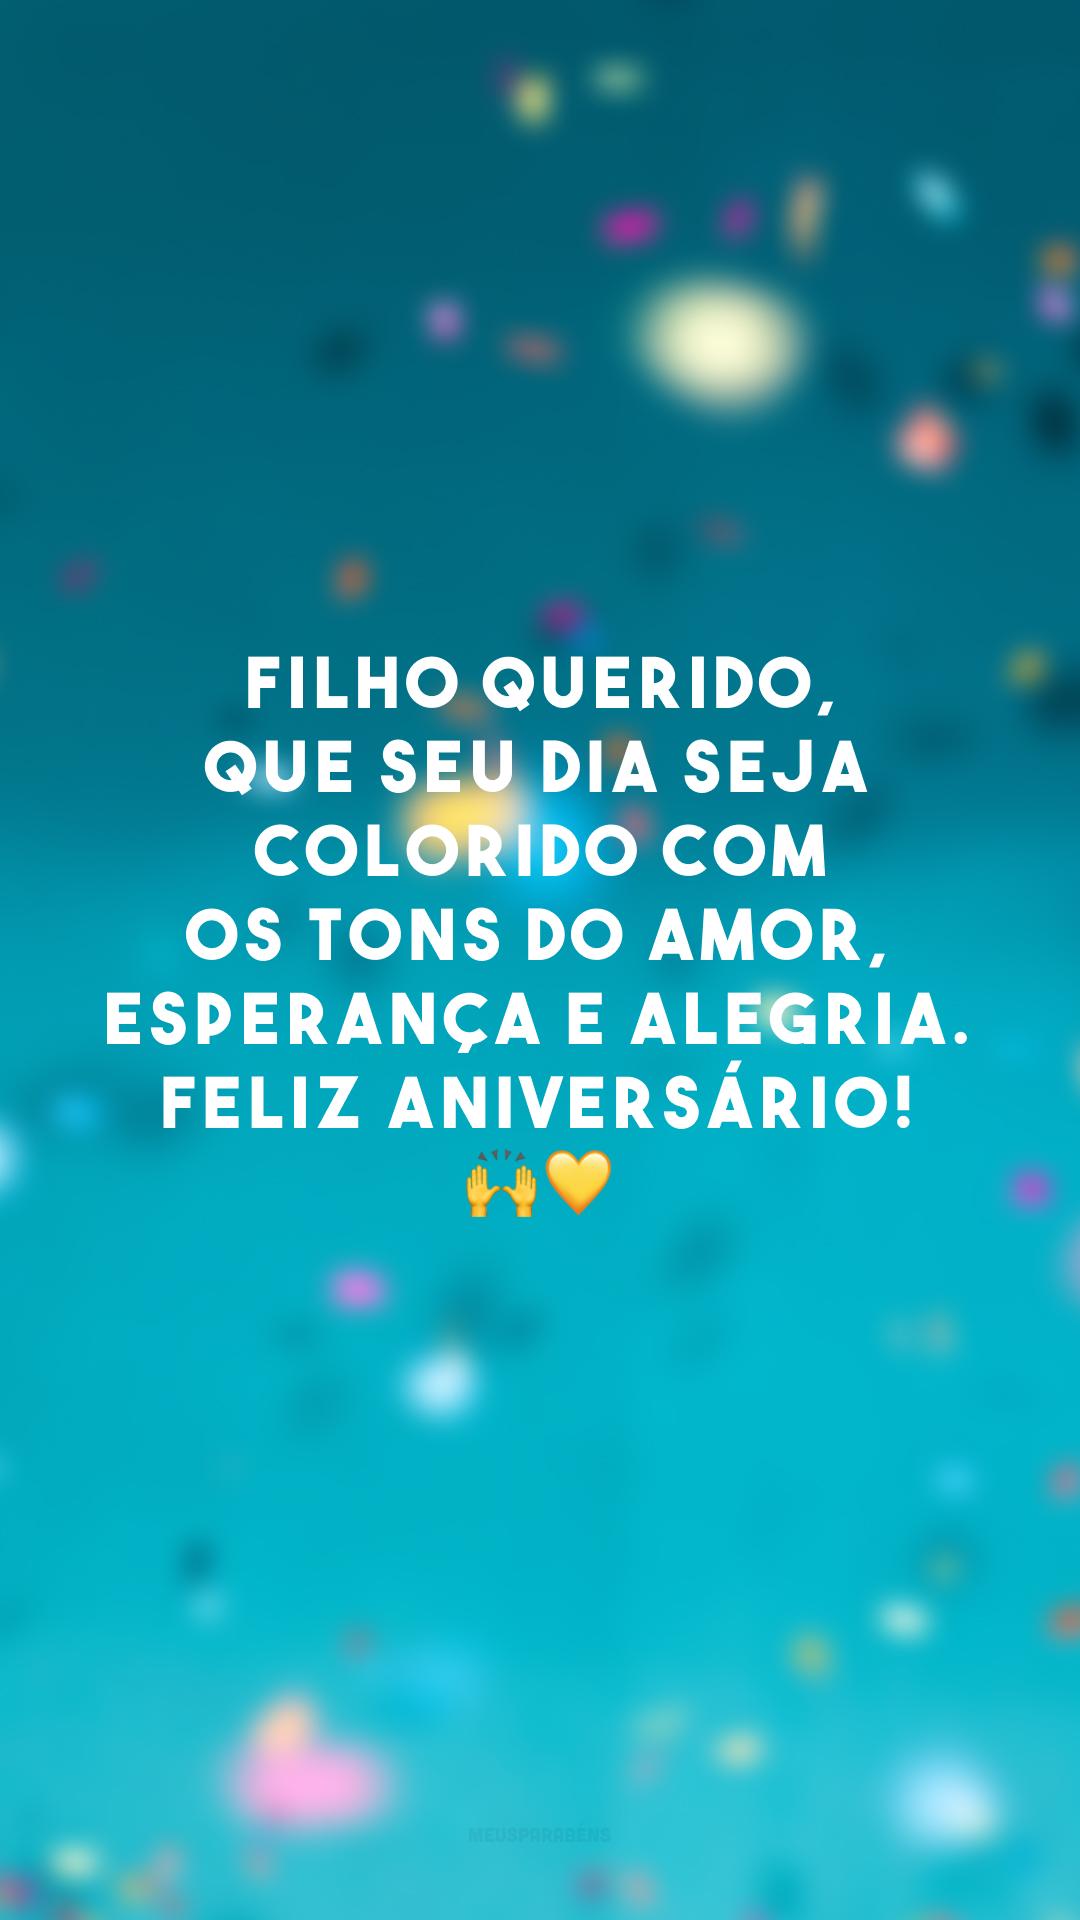 Filho querido, que seu dia seja colorido com os tons do amor, esperança e alegria. Feliz aniversário! 🙌💛